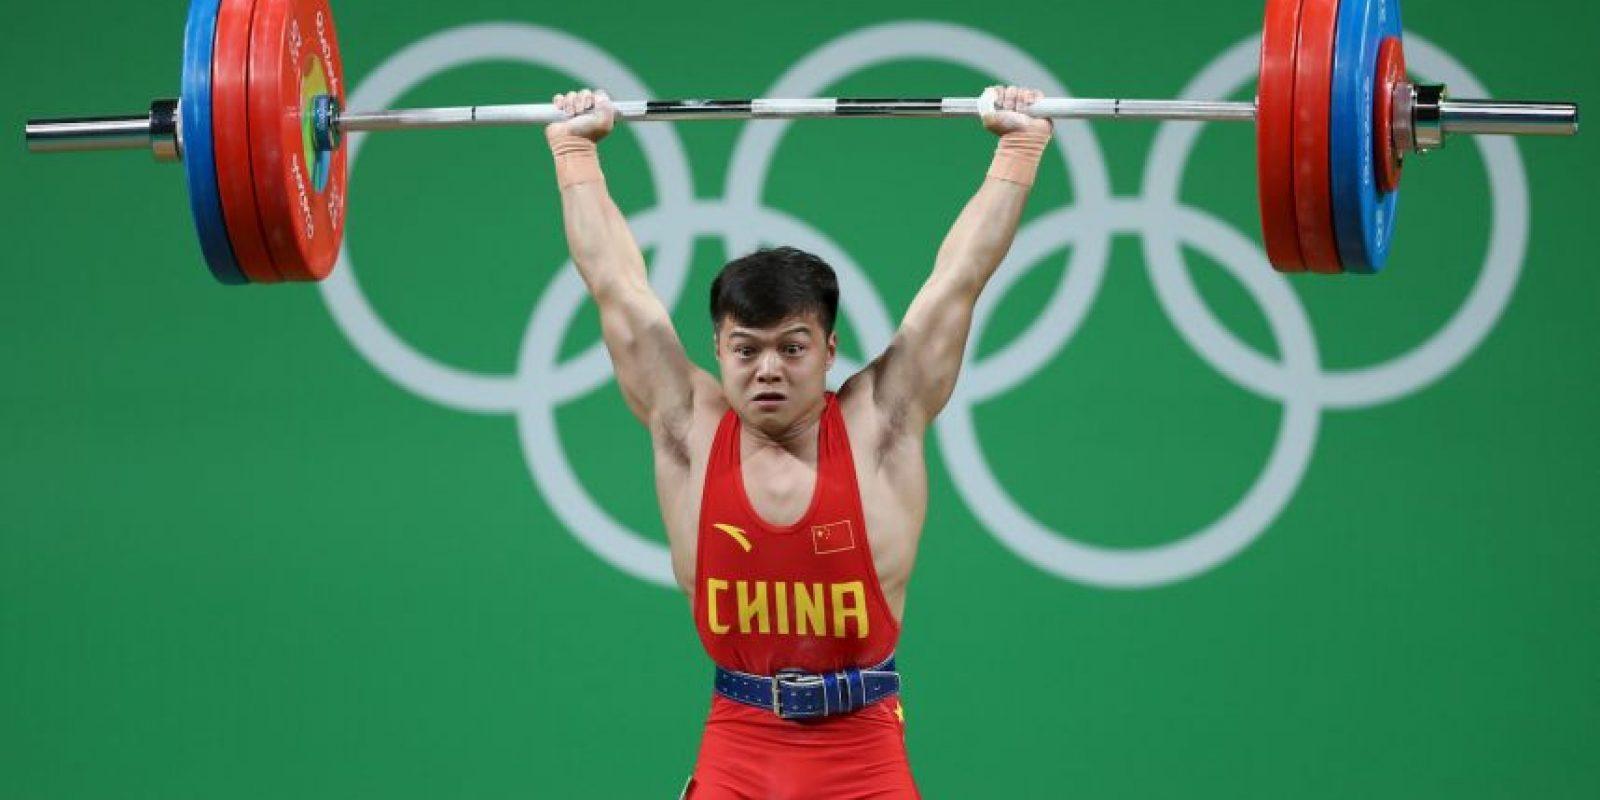 Con sólo 1.Michael Phelps se sigue vistiendo de dorado56 metros de estatura, Long Qingquan se hizo más fuerte que todos para ganar el oro en la categoría 56 kilos en el levantamiento de pesas. Foto:Getty Images